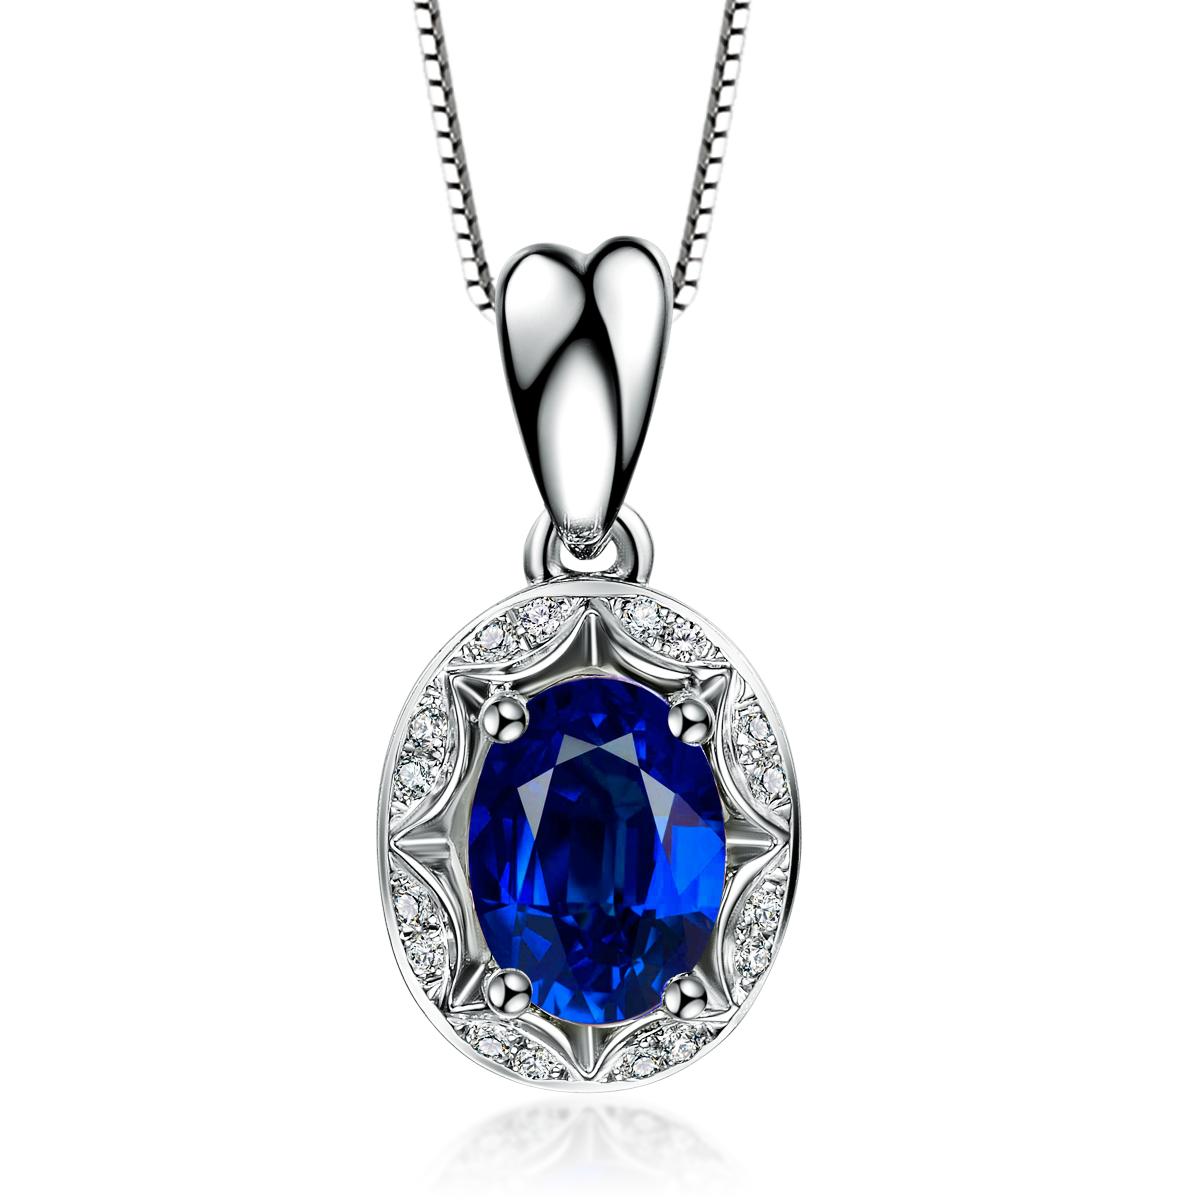 蓝宝石一定是蓝色的吗? 蓝宝石都是蓝色吗